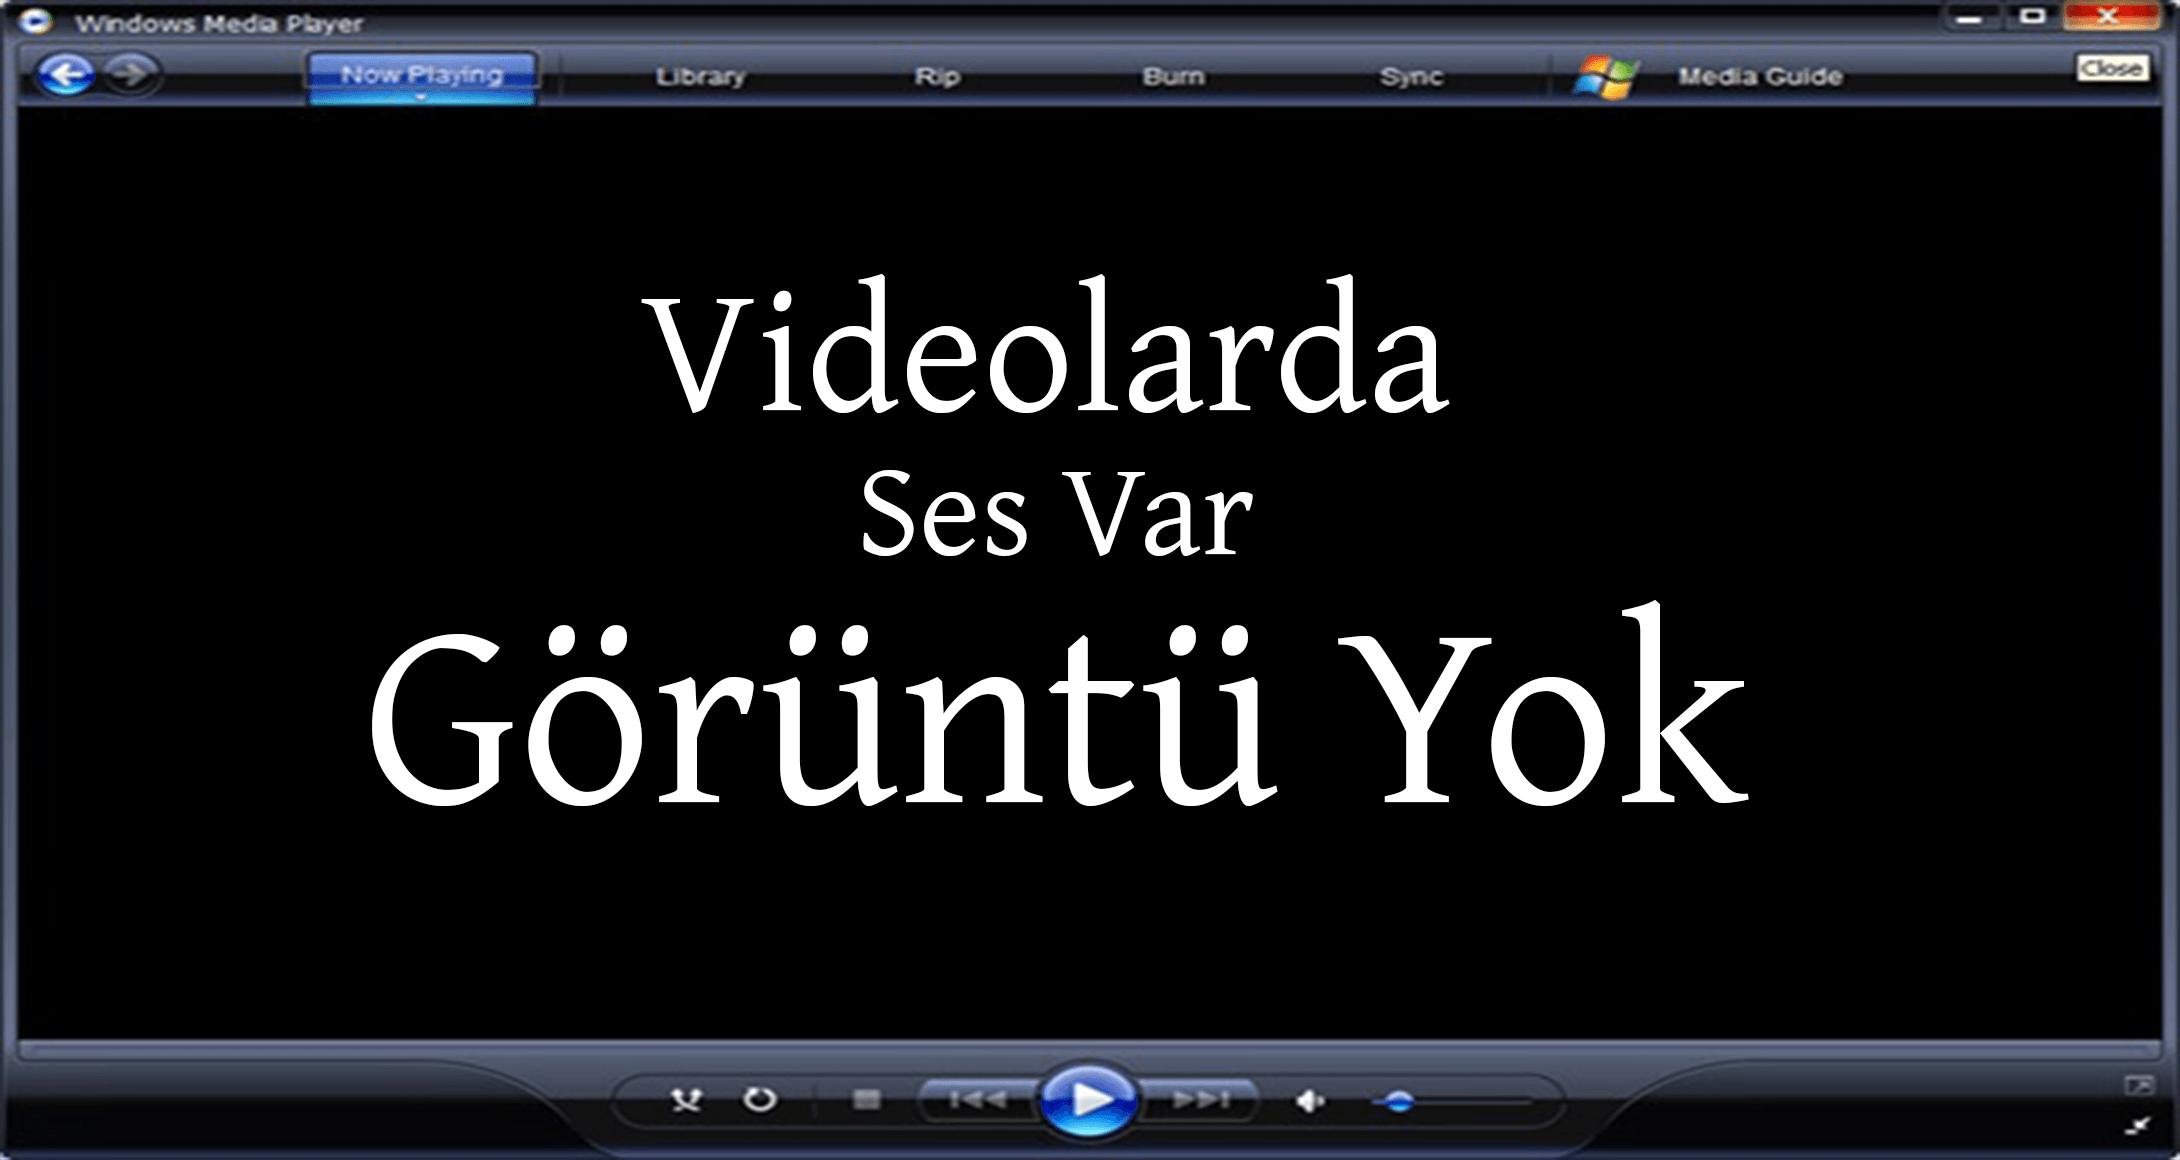 Videolarda Ses Var Görüntü Yok Hatası Çözümü